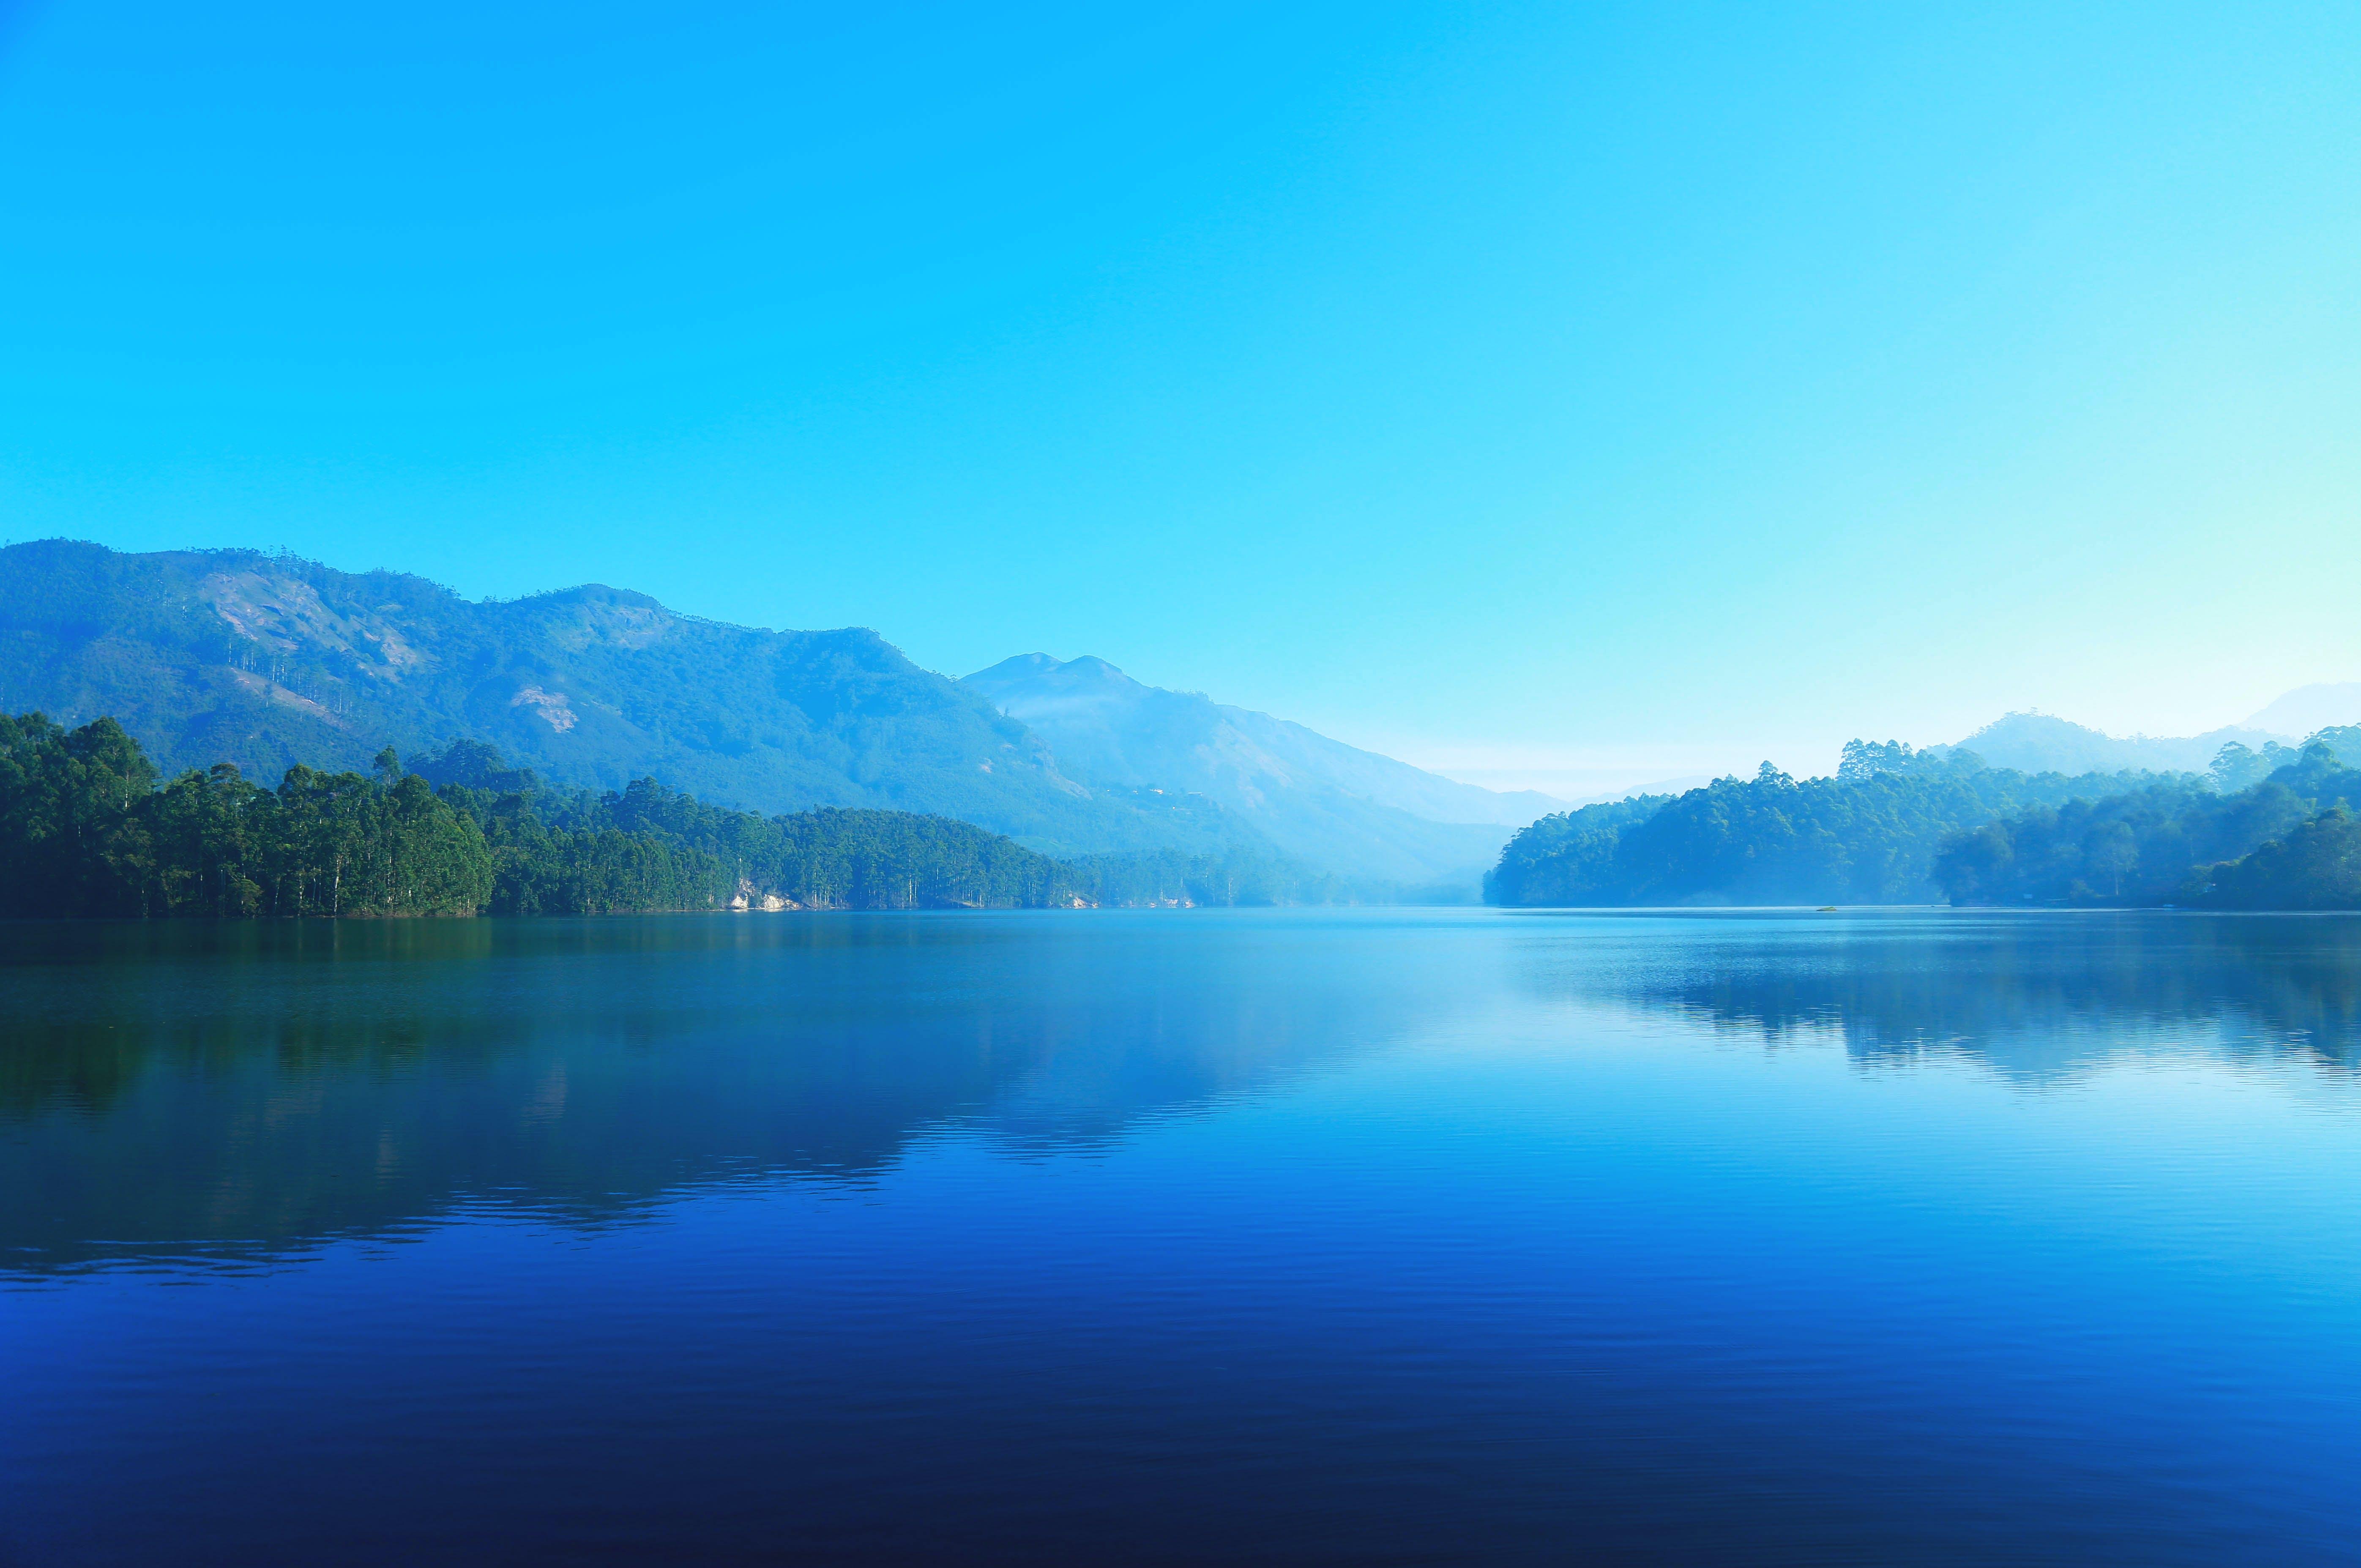 山, 水, 空, 青の無料の写真素材